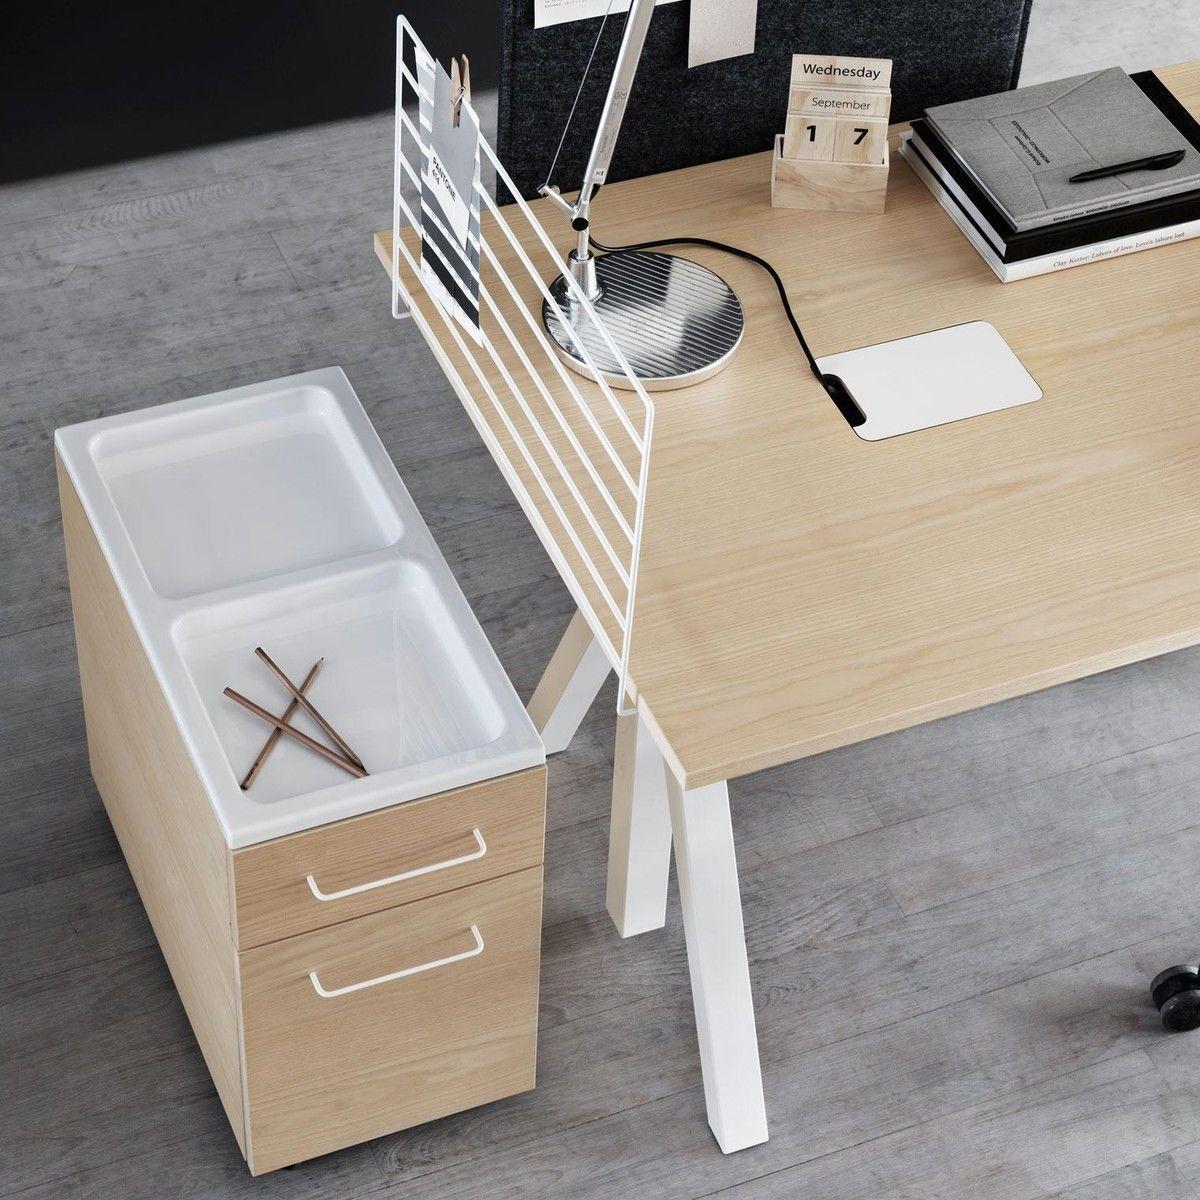 string works desk schreibtisch string. Black Bedroom Furniture Sets. Home Design Ideas